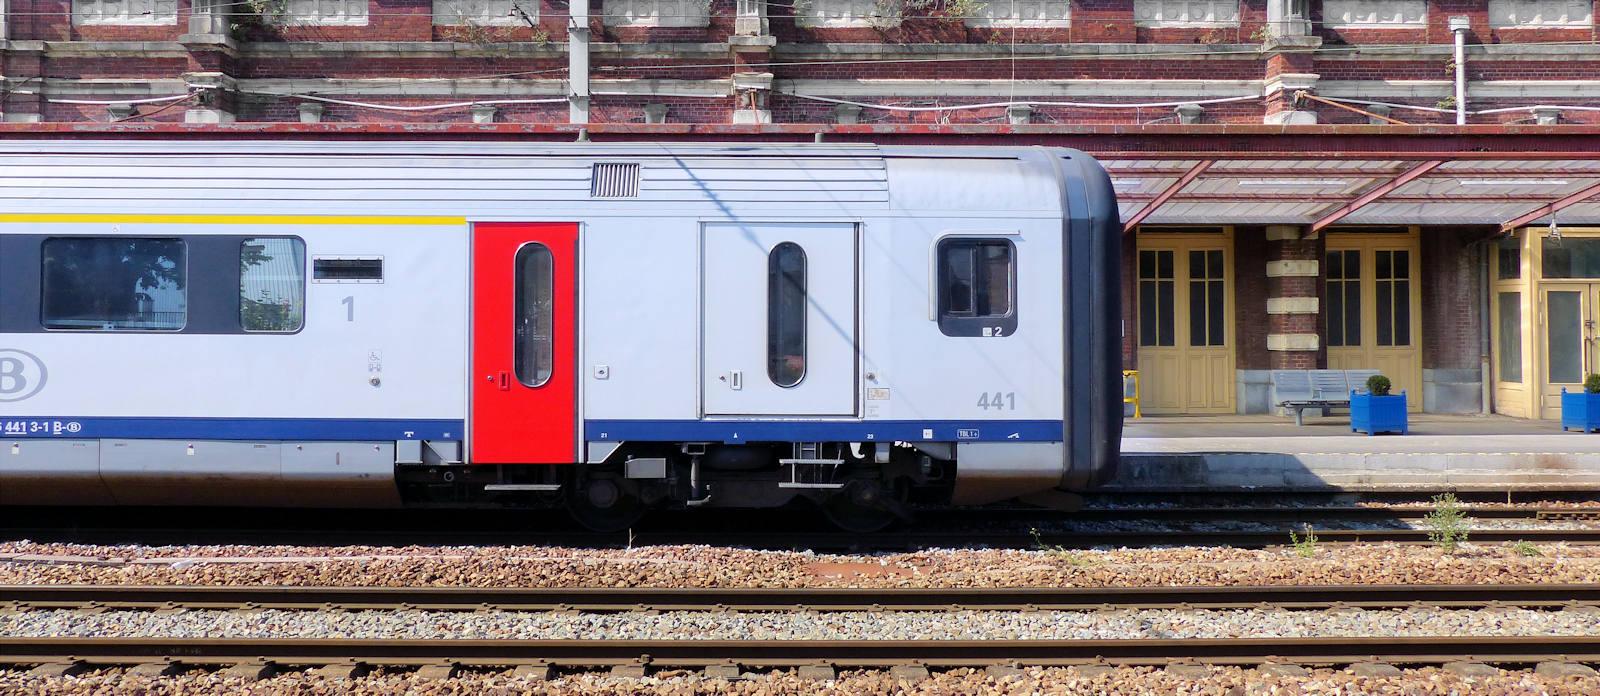 Gare de Tourcoing - Train TER à quai